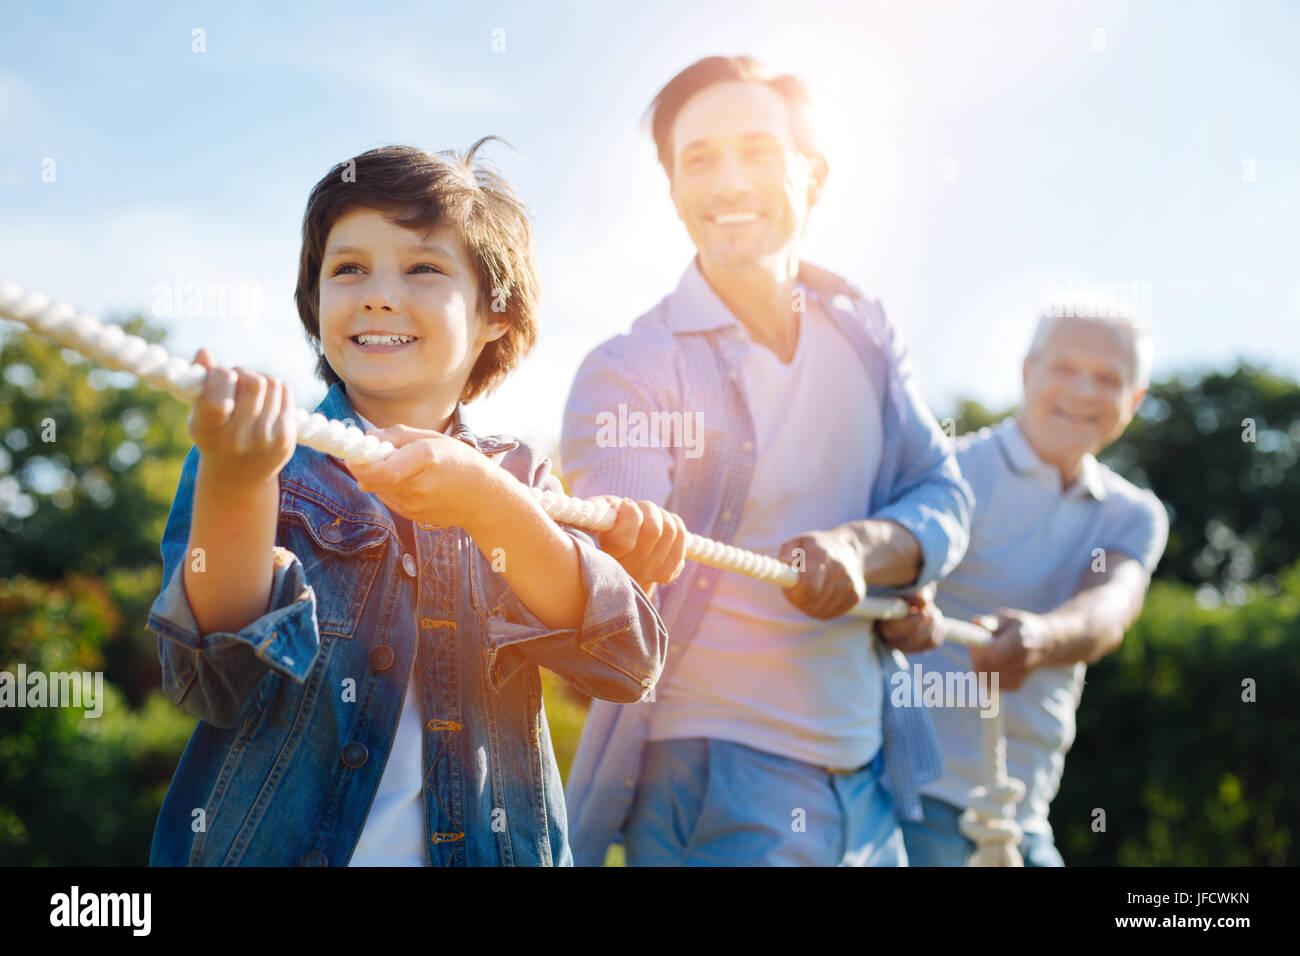 Soporte Real. Entusiasta centrado bonita familia actuando como un equipo jugando tug guerra y divertirse al aire Imagen De Stock